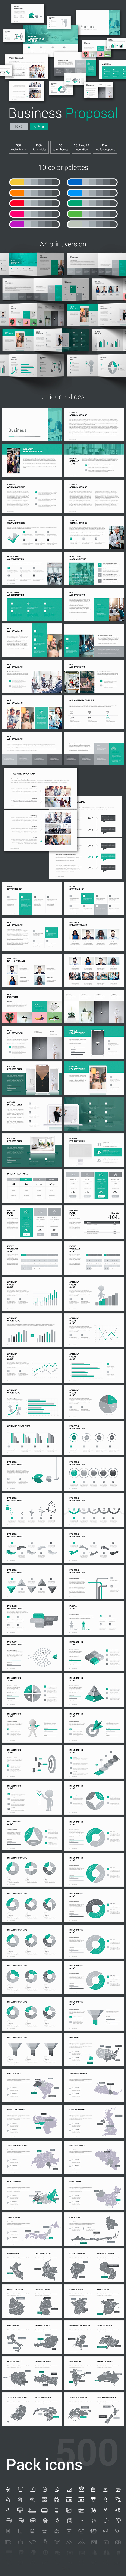 Business Proposal Pitch Google Slide Template - Google Slides Presentation Templates